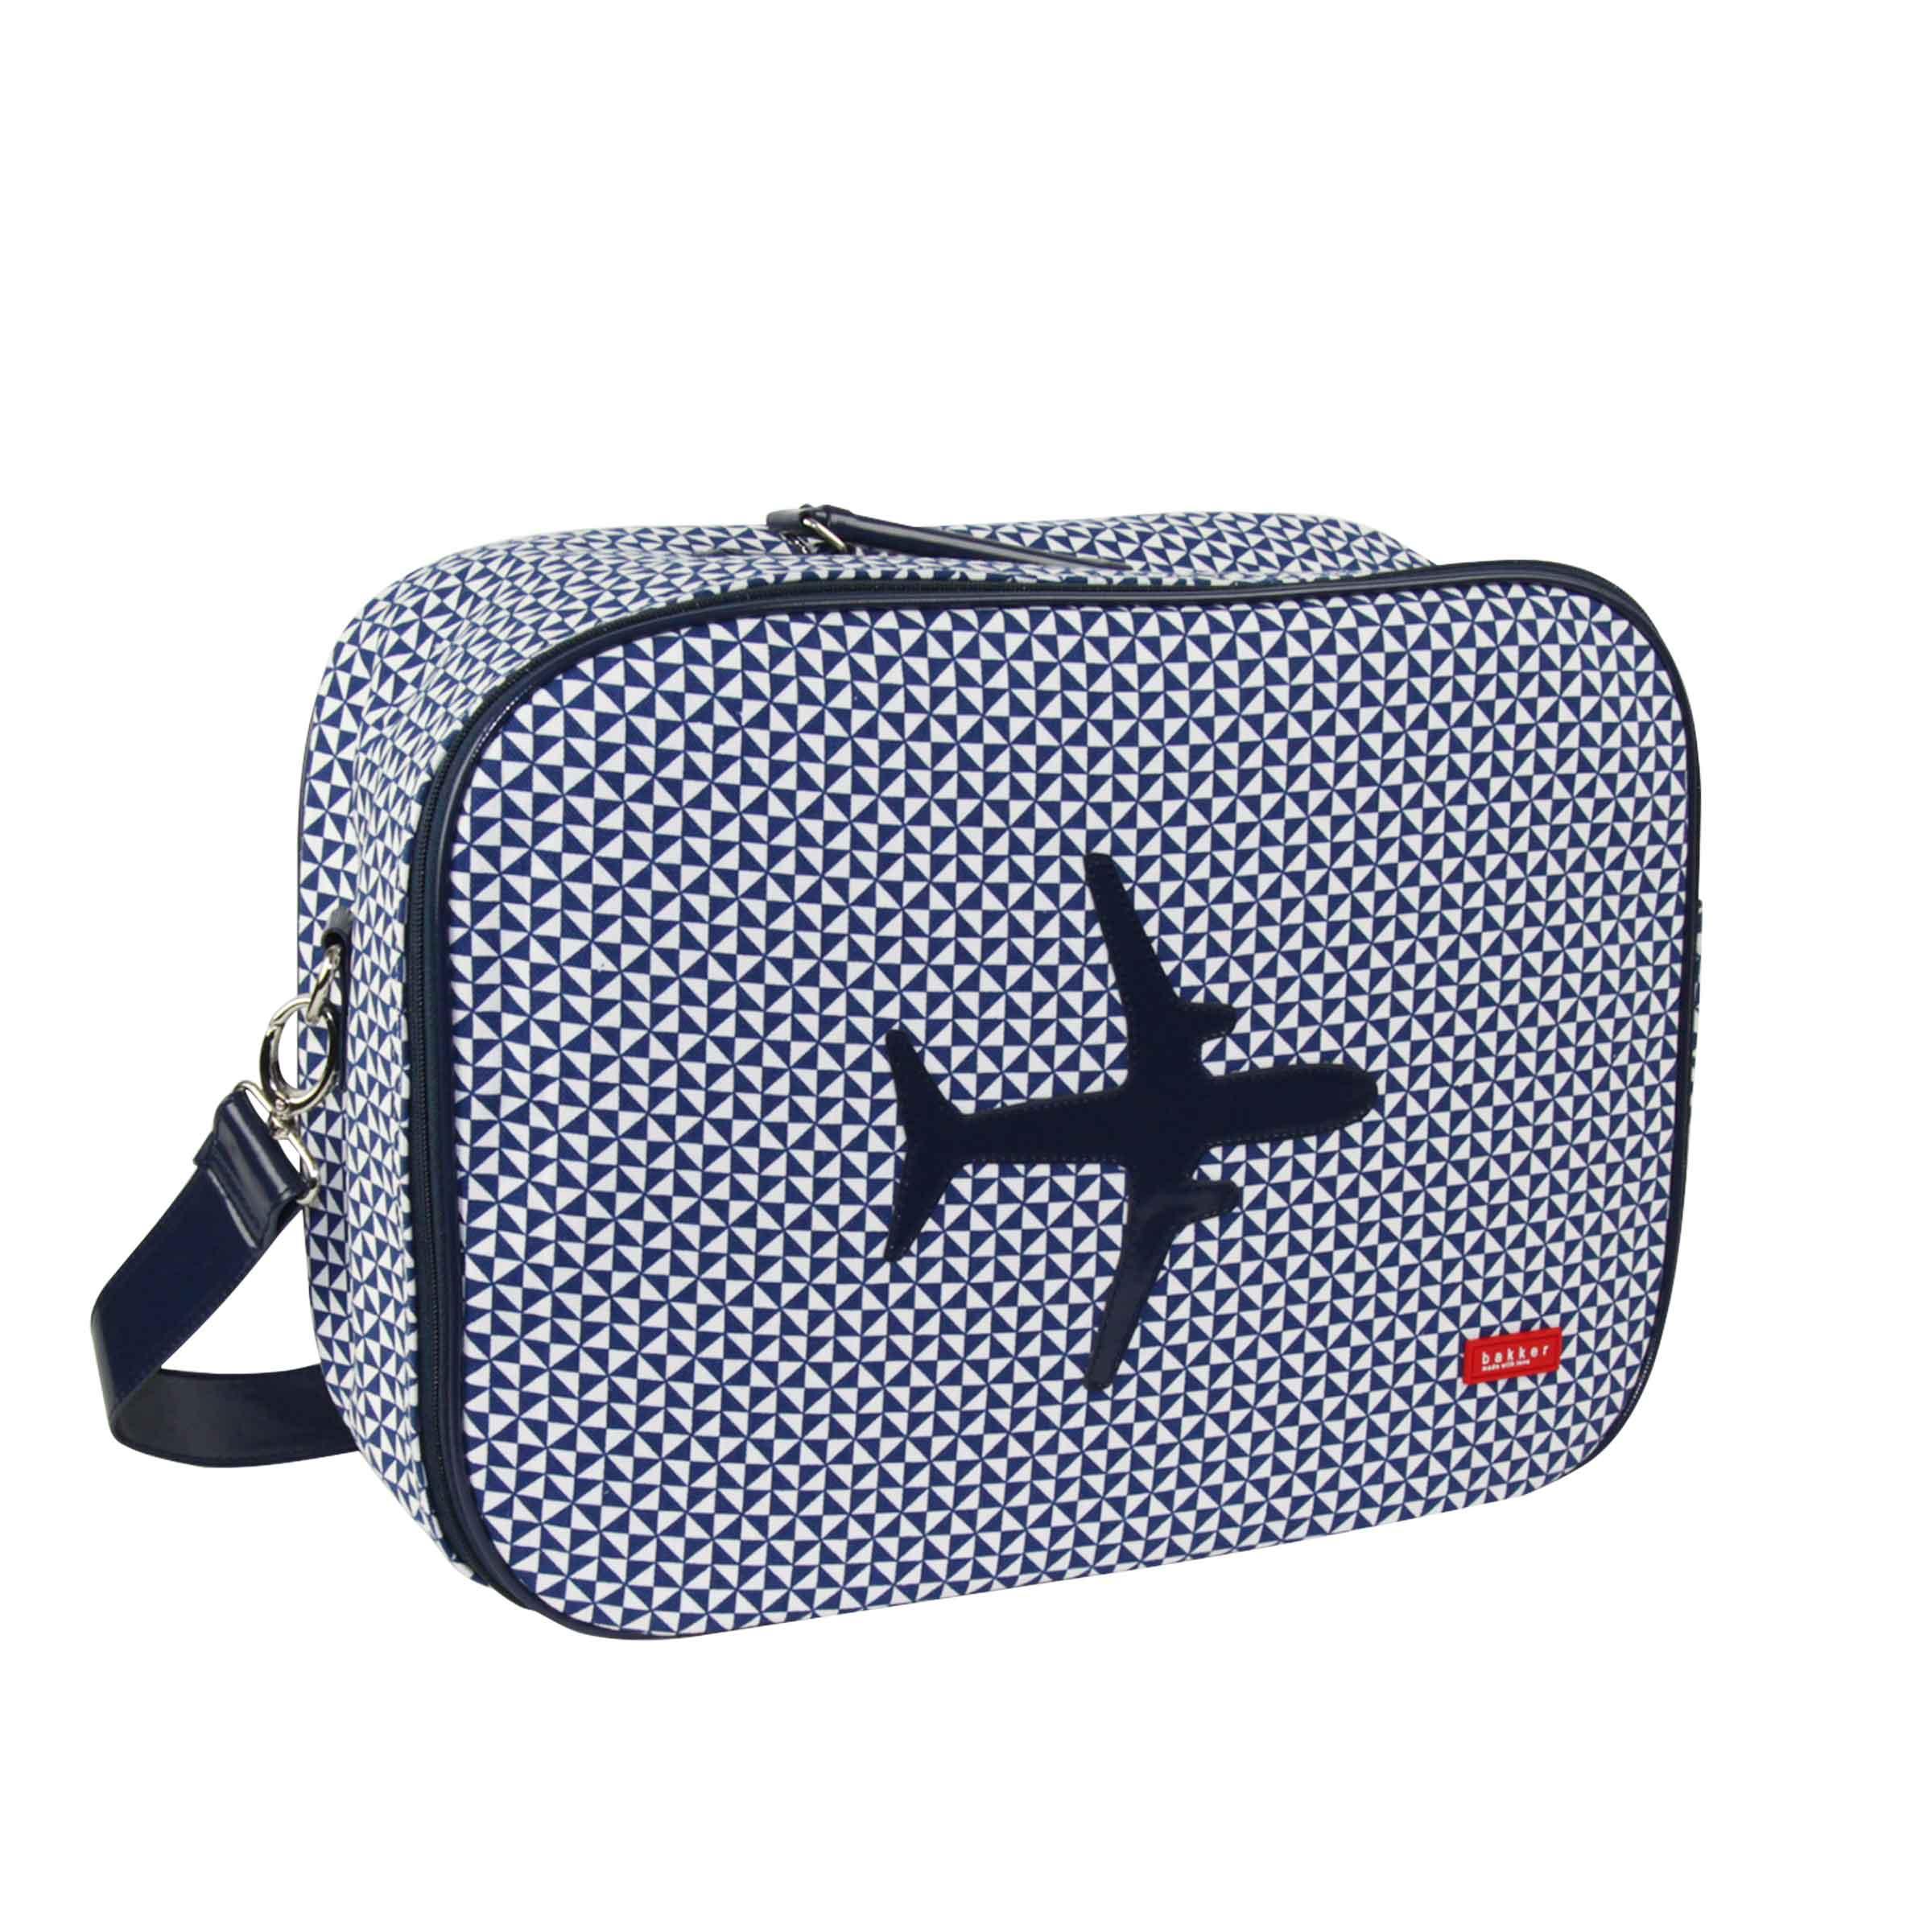 valisette en tissu bleu imprimés géométriques et motif avion taille M